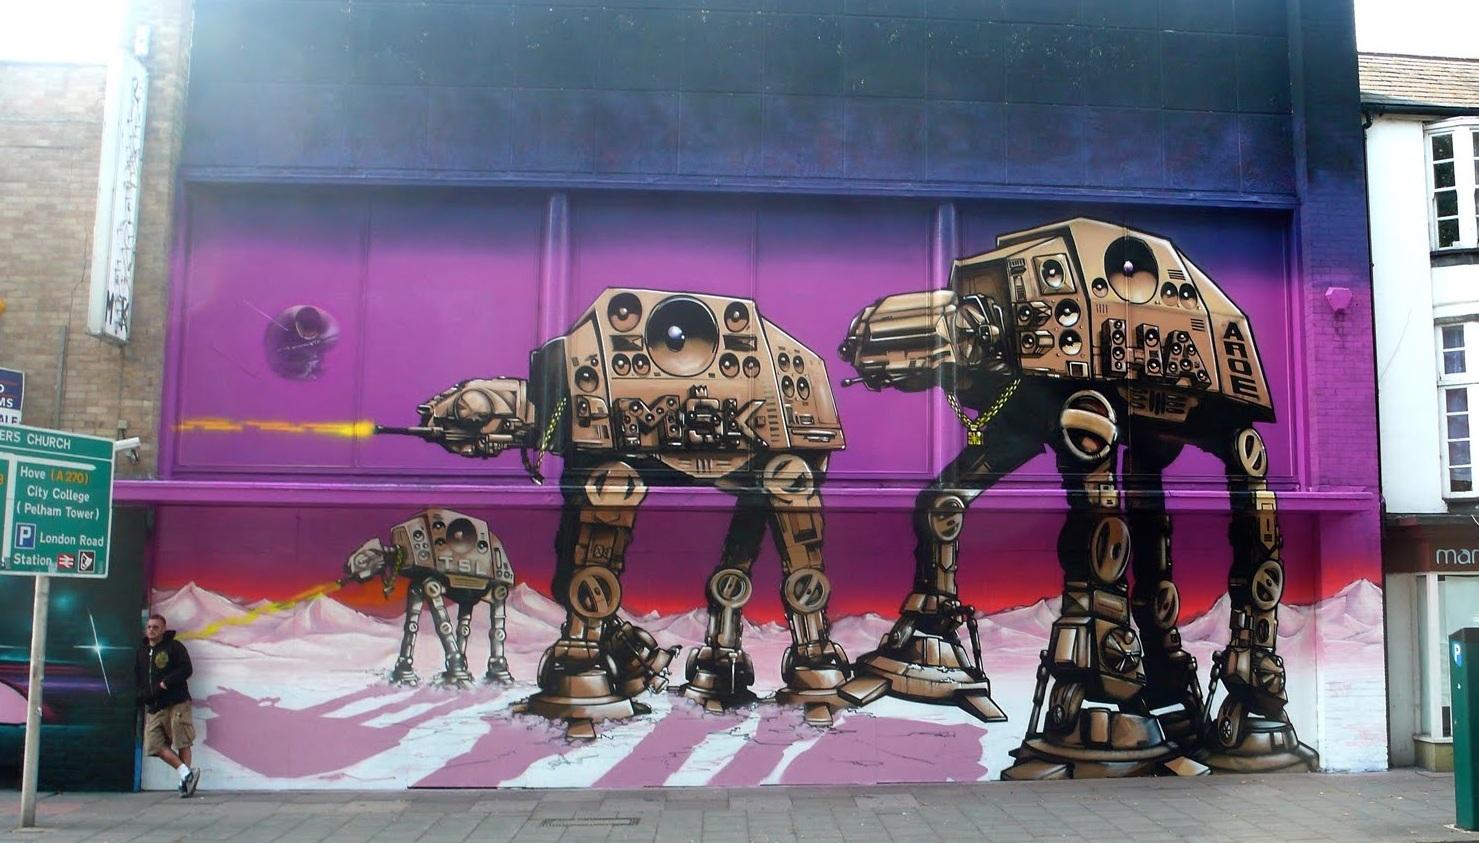 Star Wars Graffiti At At